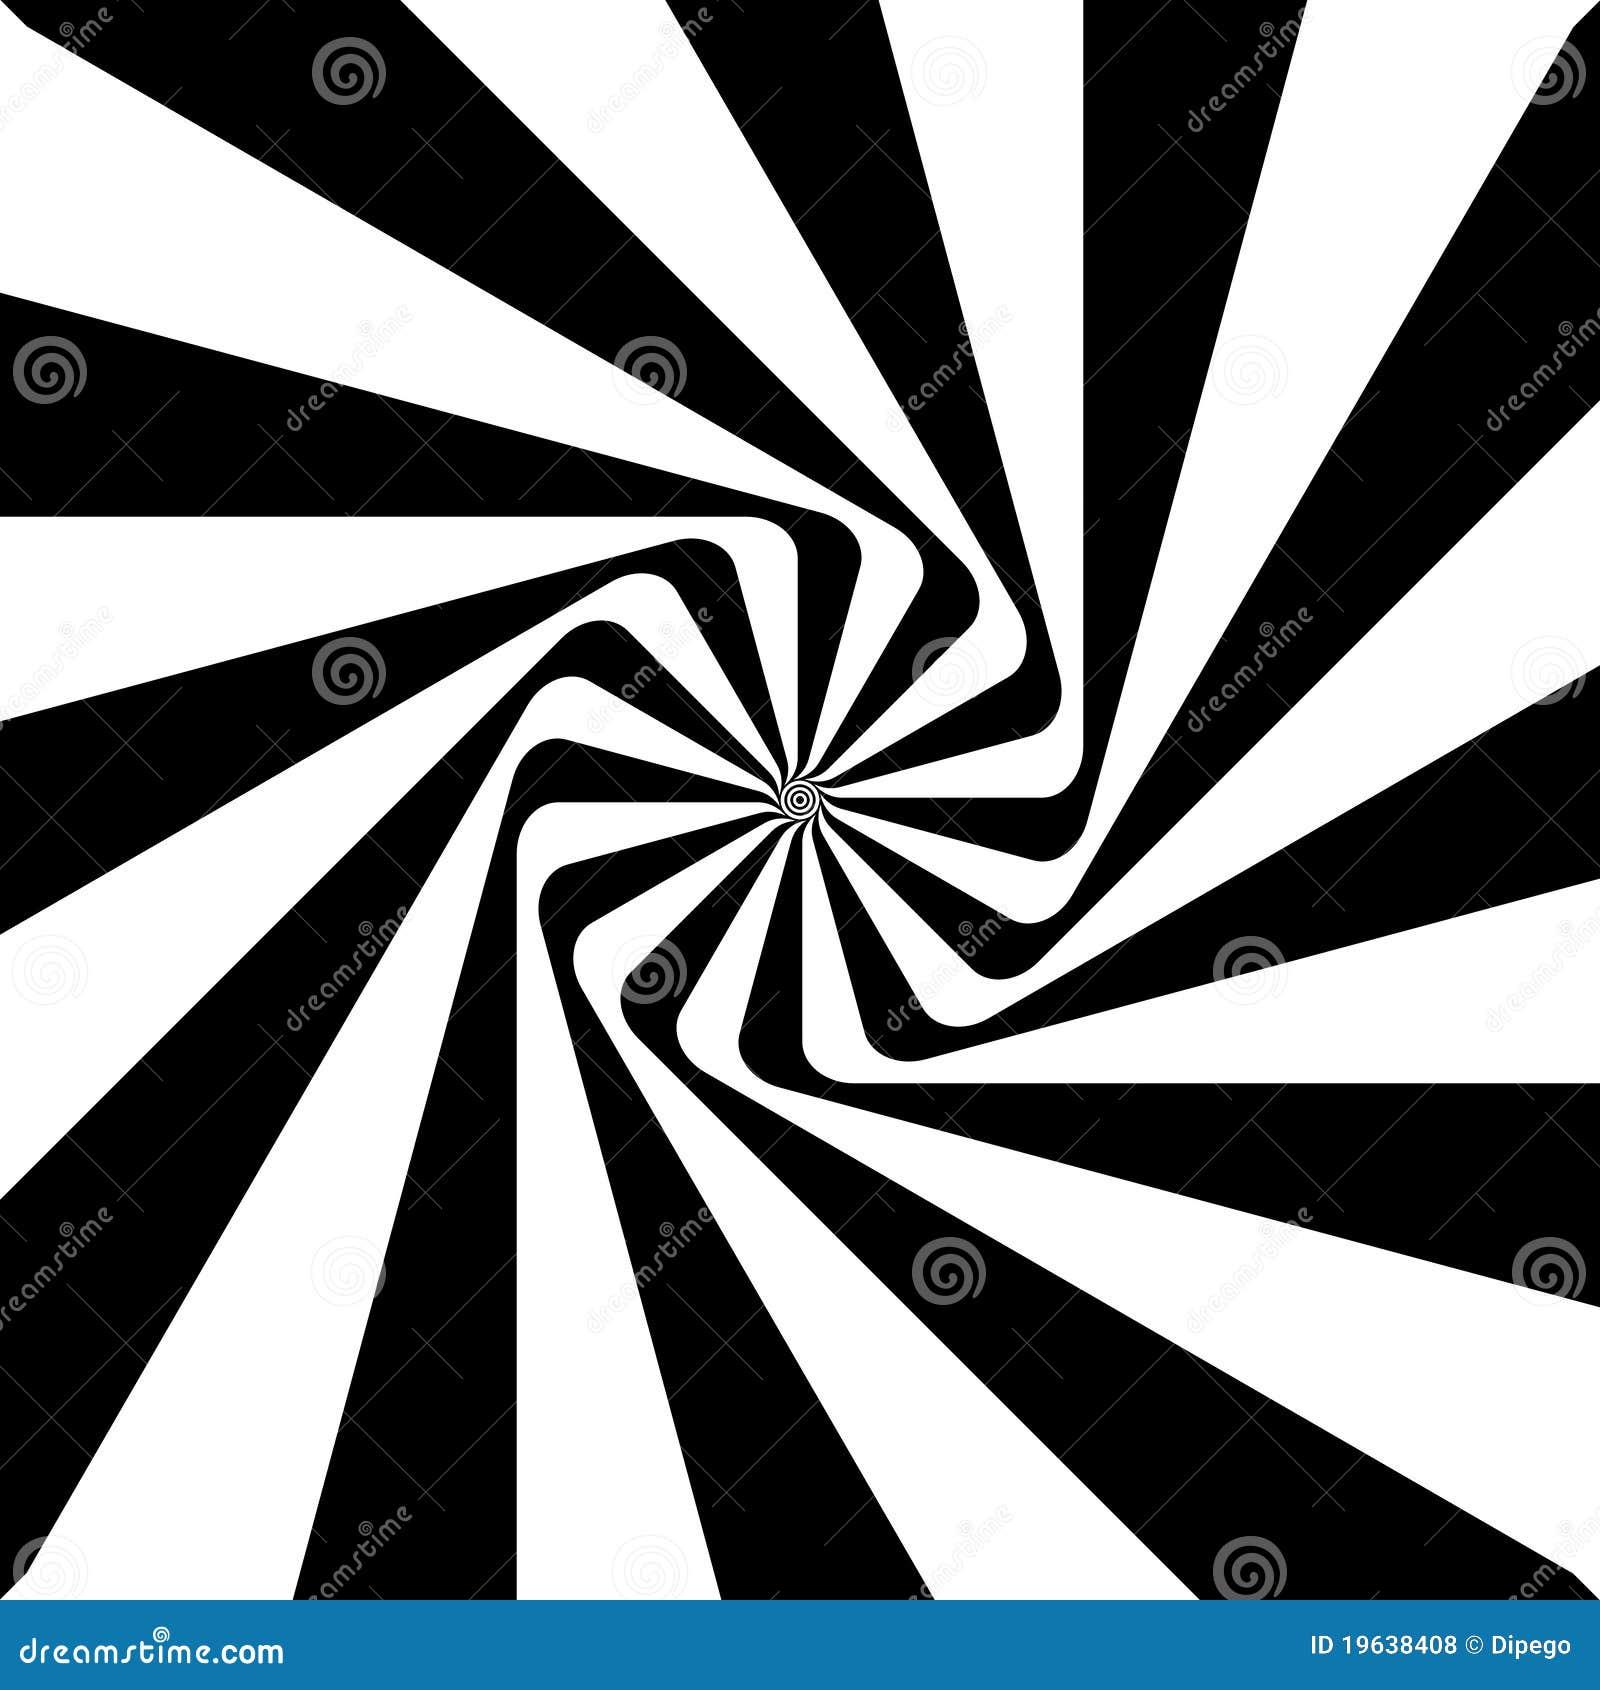 illusion optique ronde photos libres de droits image 19638408. Black Bedroom Furniture Sets. Home Design Ideas